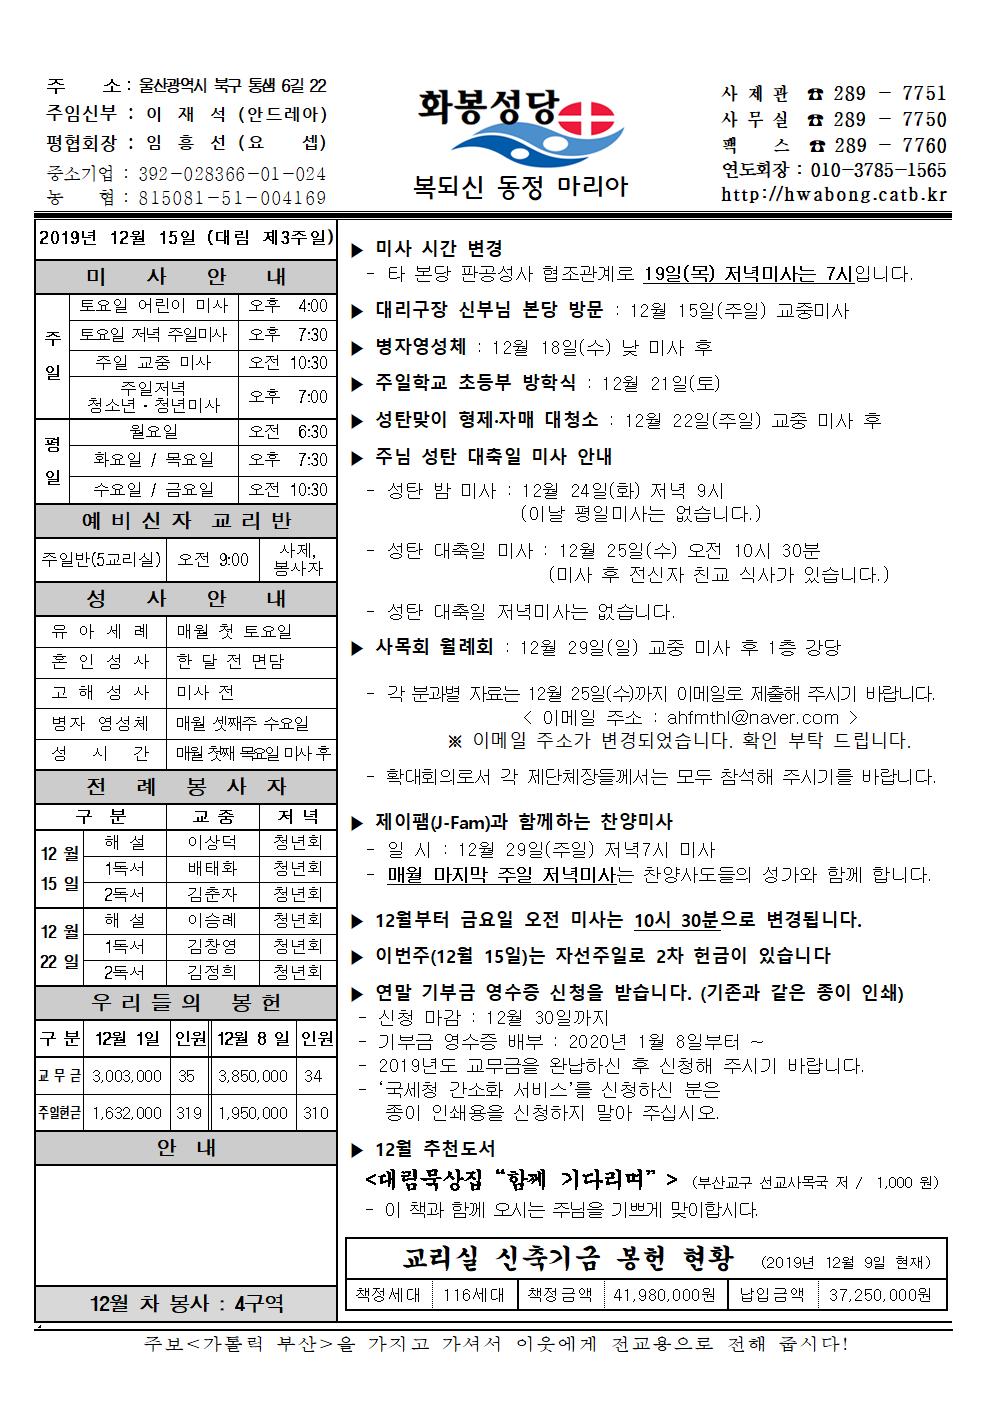 화봉성당20191215주보.png